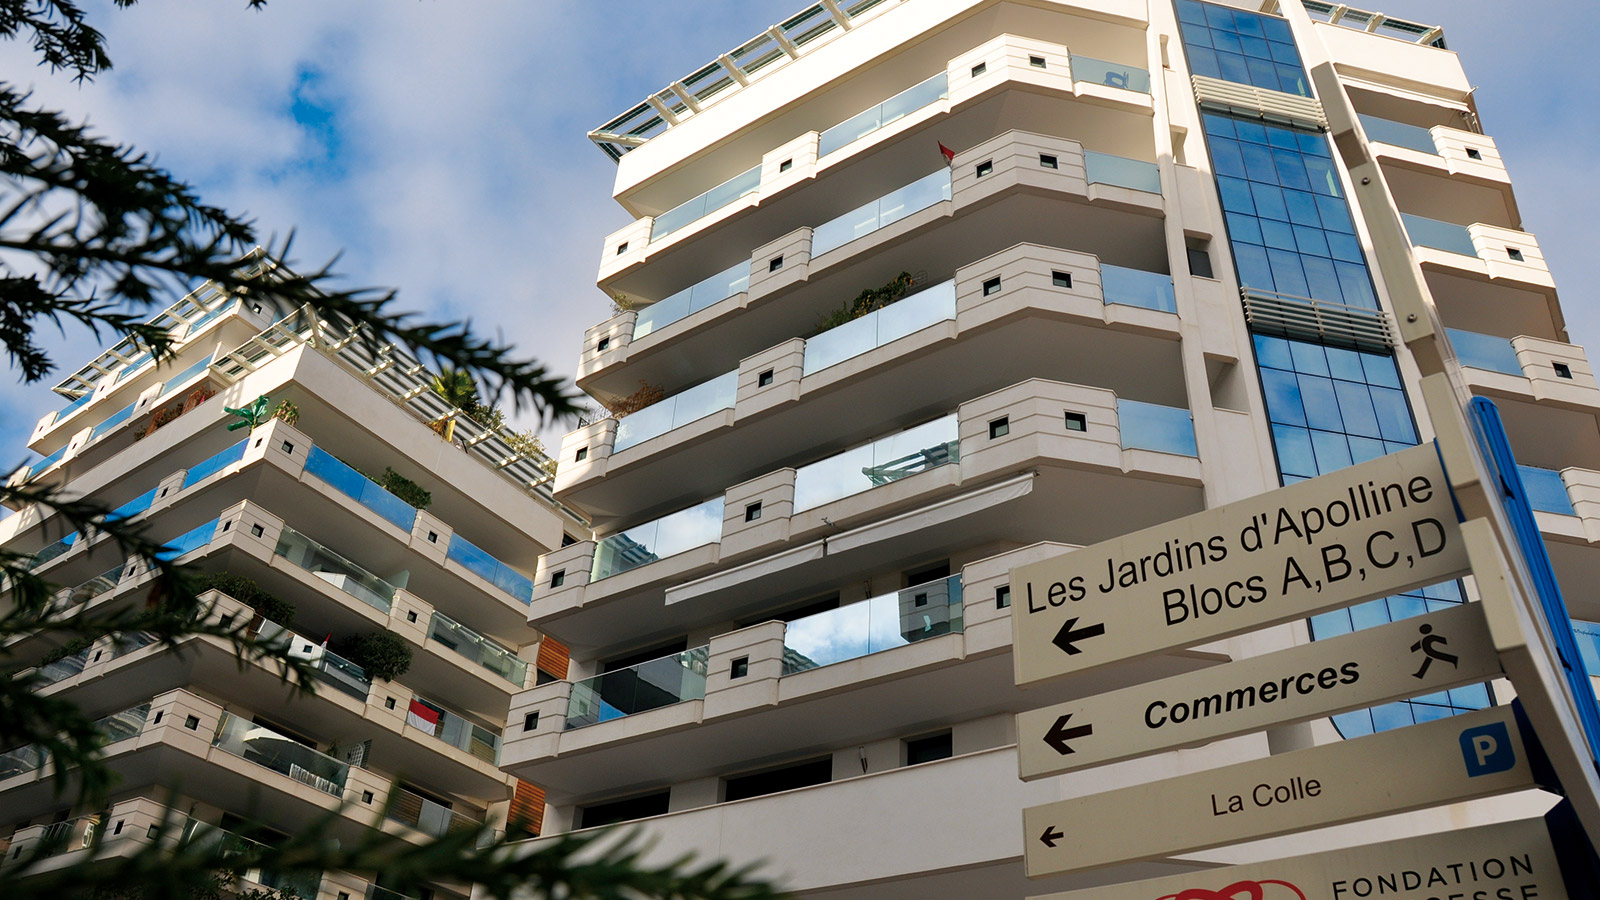 Jardins-d'Apolline-Franck-Lobono-Jean-Castellini-@-Monaco-Hebdo-DSC_0394